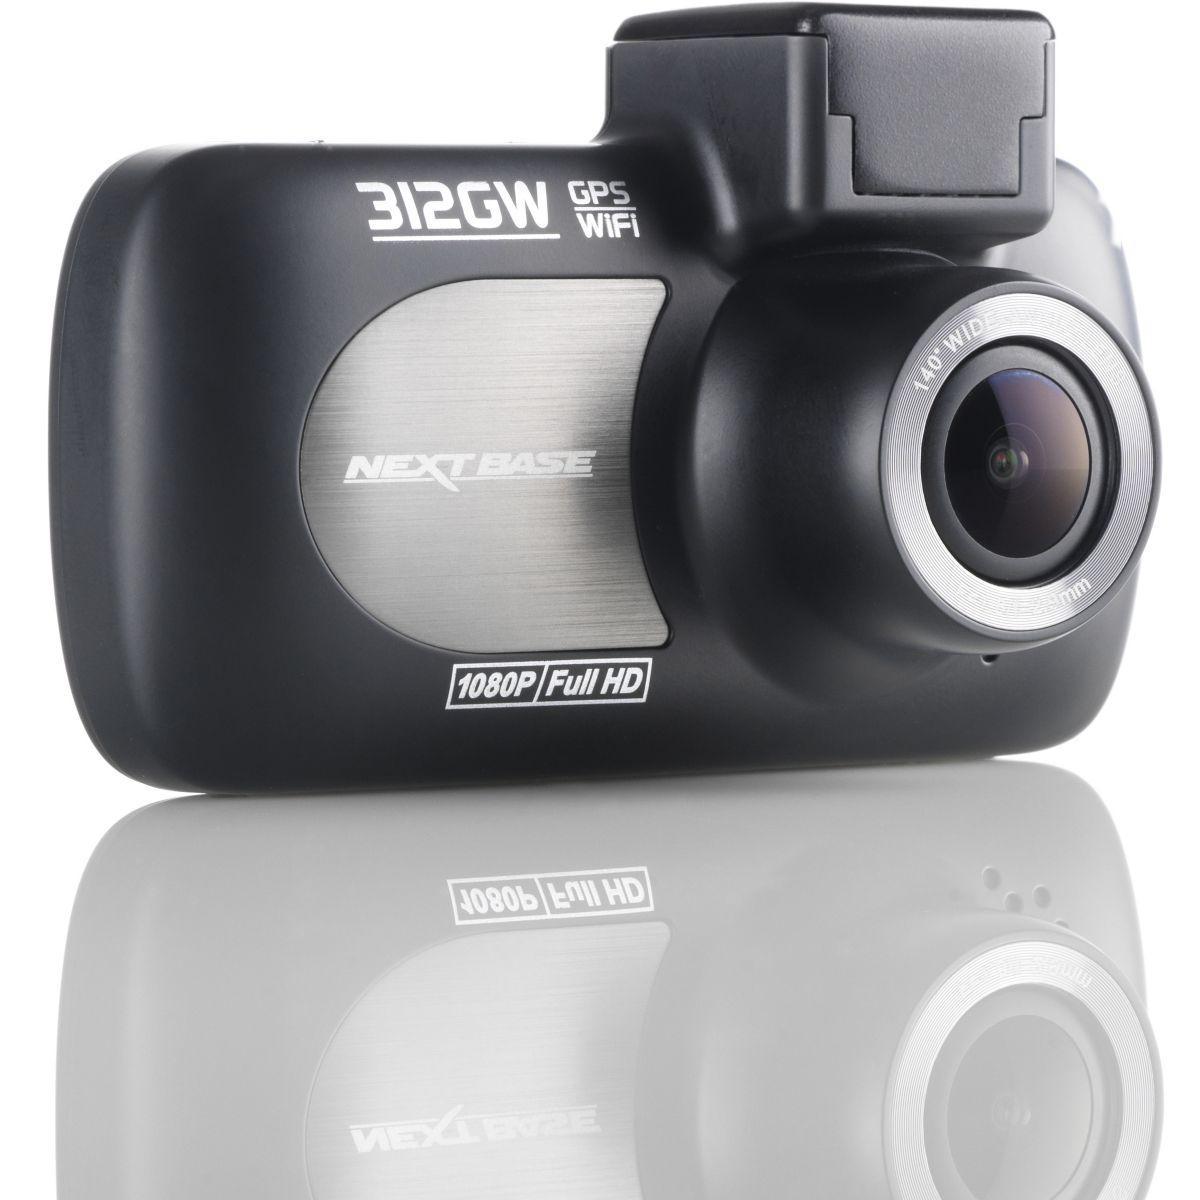 Caméra next base 312gw - 7% de remise immédiate avec le code : cool7 (photo)